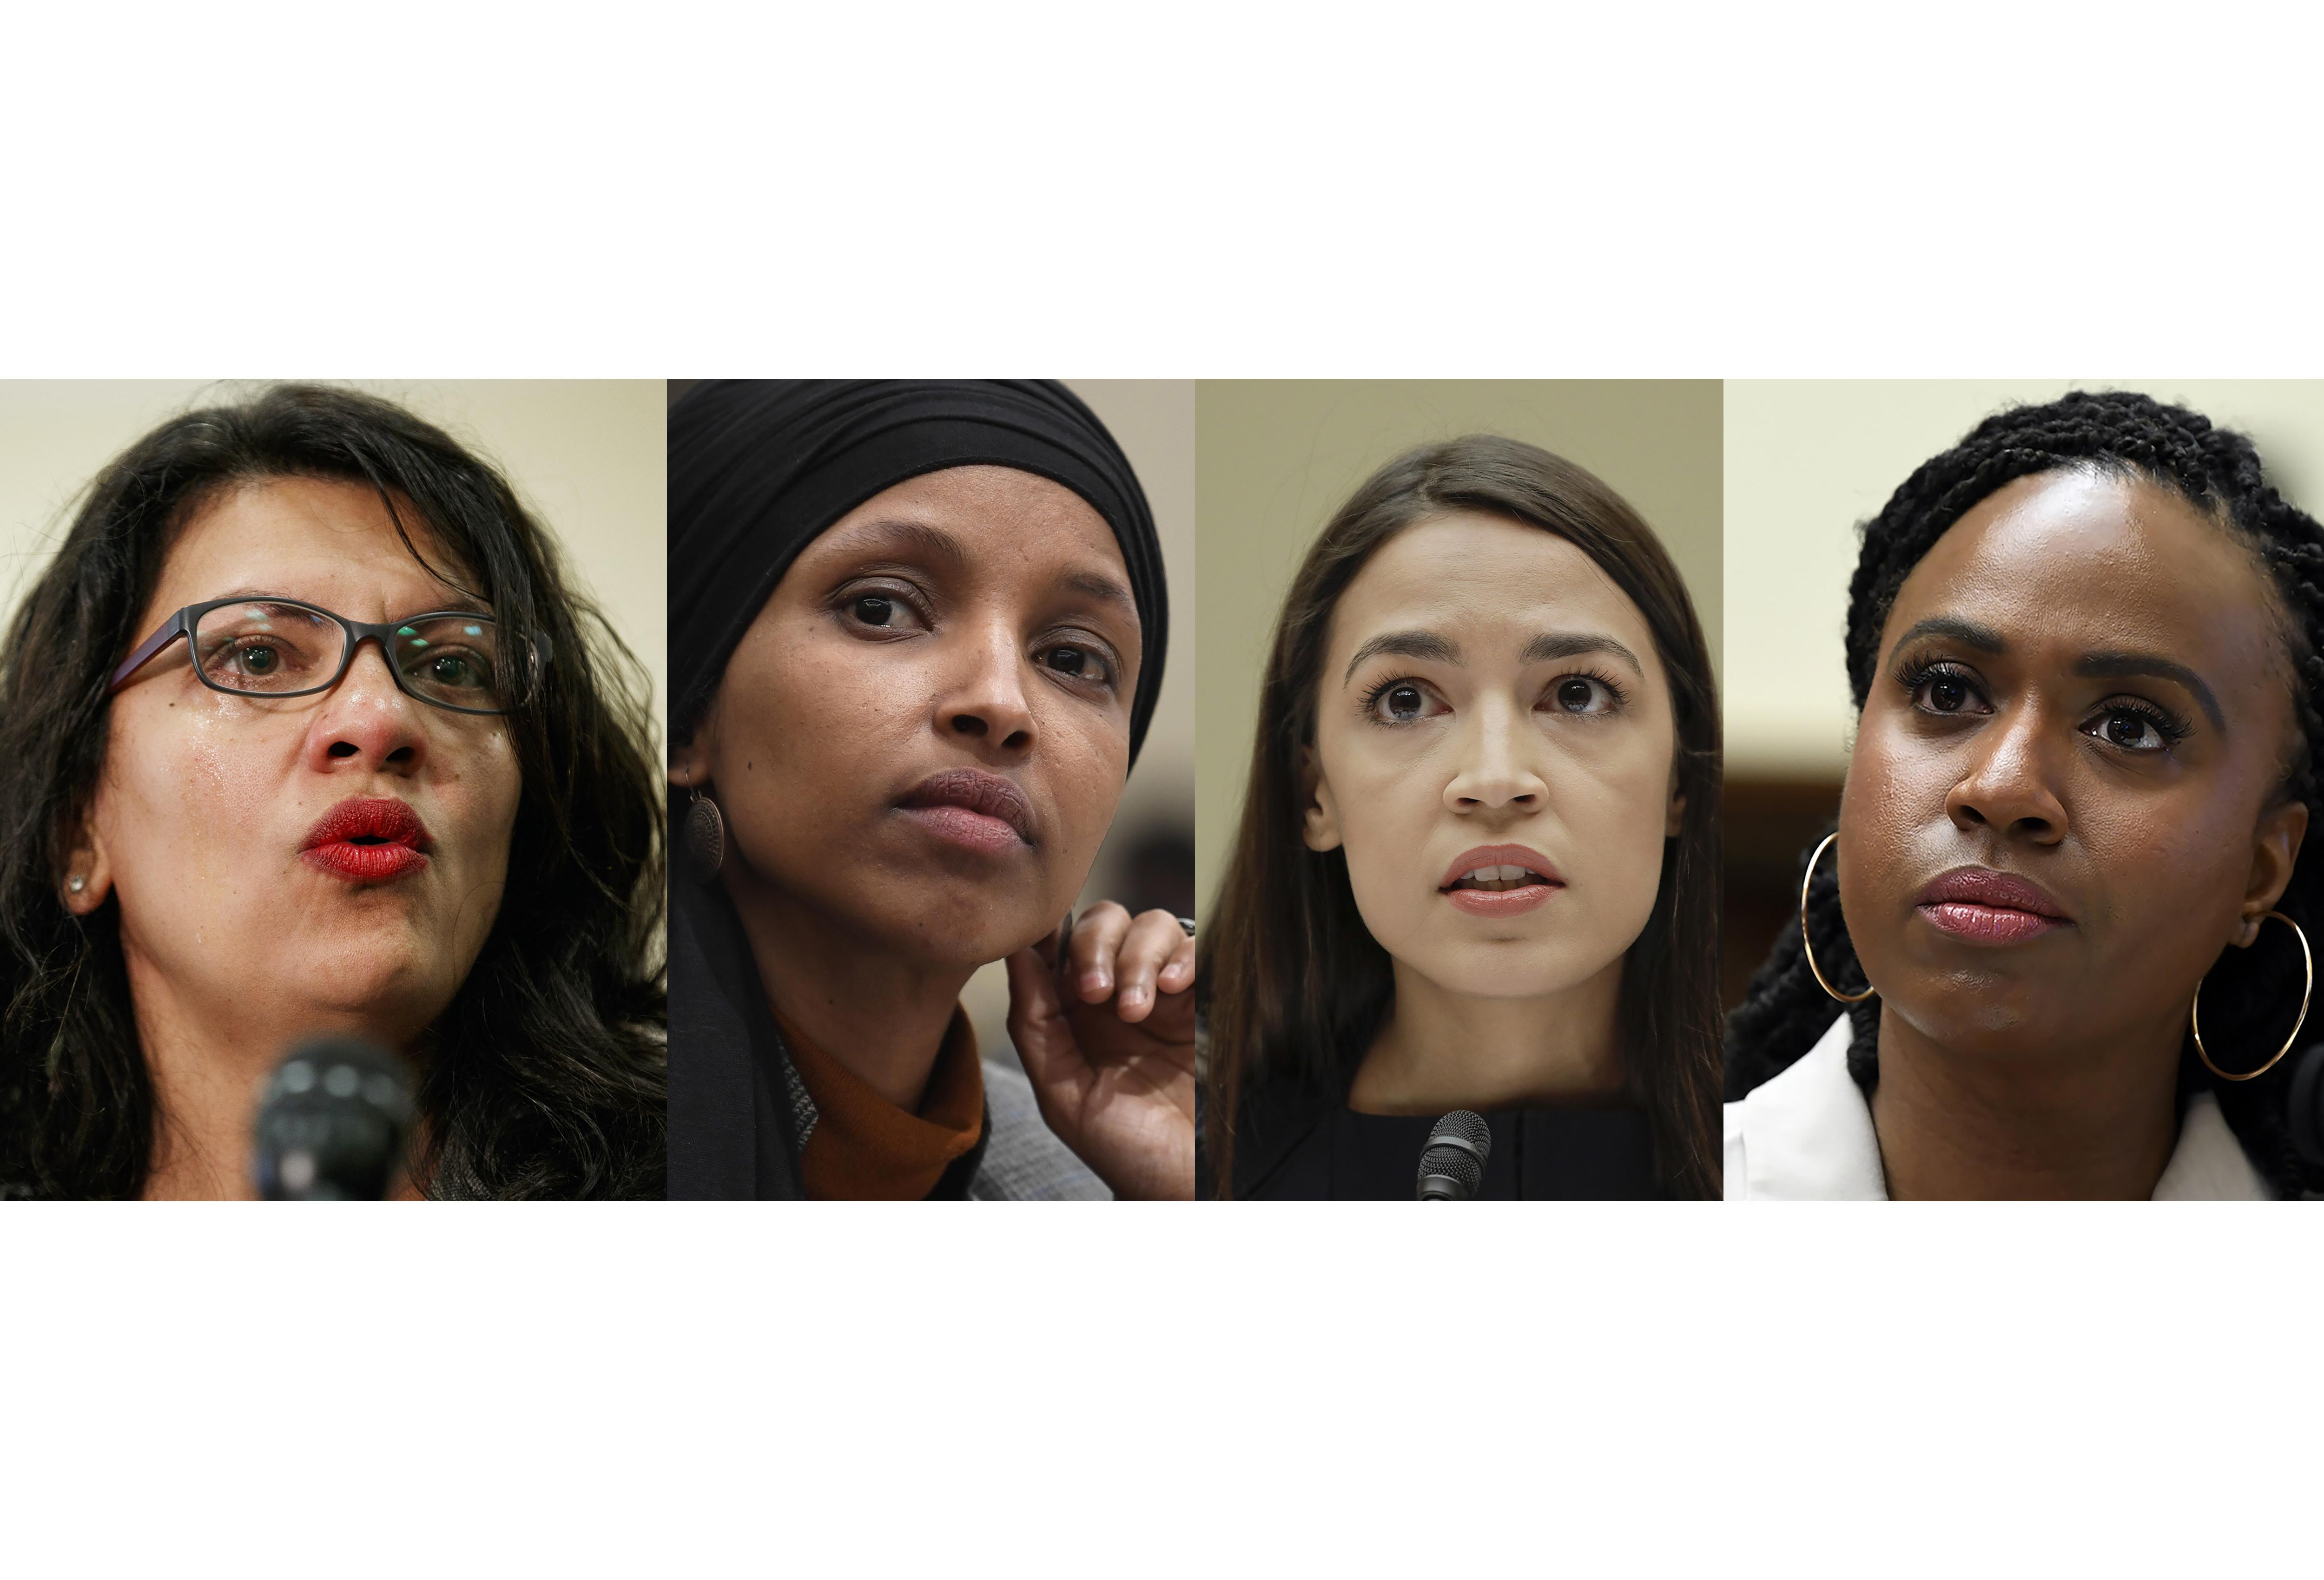 Rep. Rashida Tlaib, D-Mich., Rep. Ilhan Omar, D-Minn., Rep. Alexandria Ocasio-Cortez, D-NY., and Rep. Ayanna Pressley, D-Mass. (AP Photo)